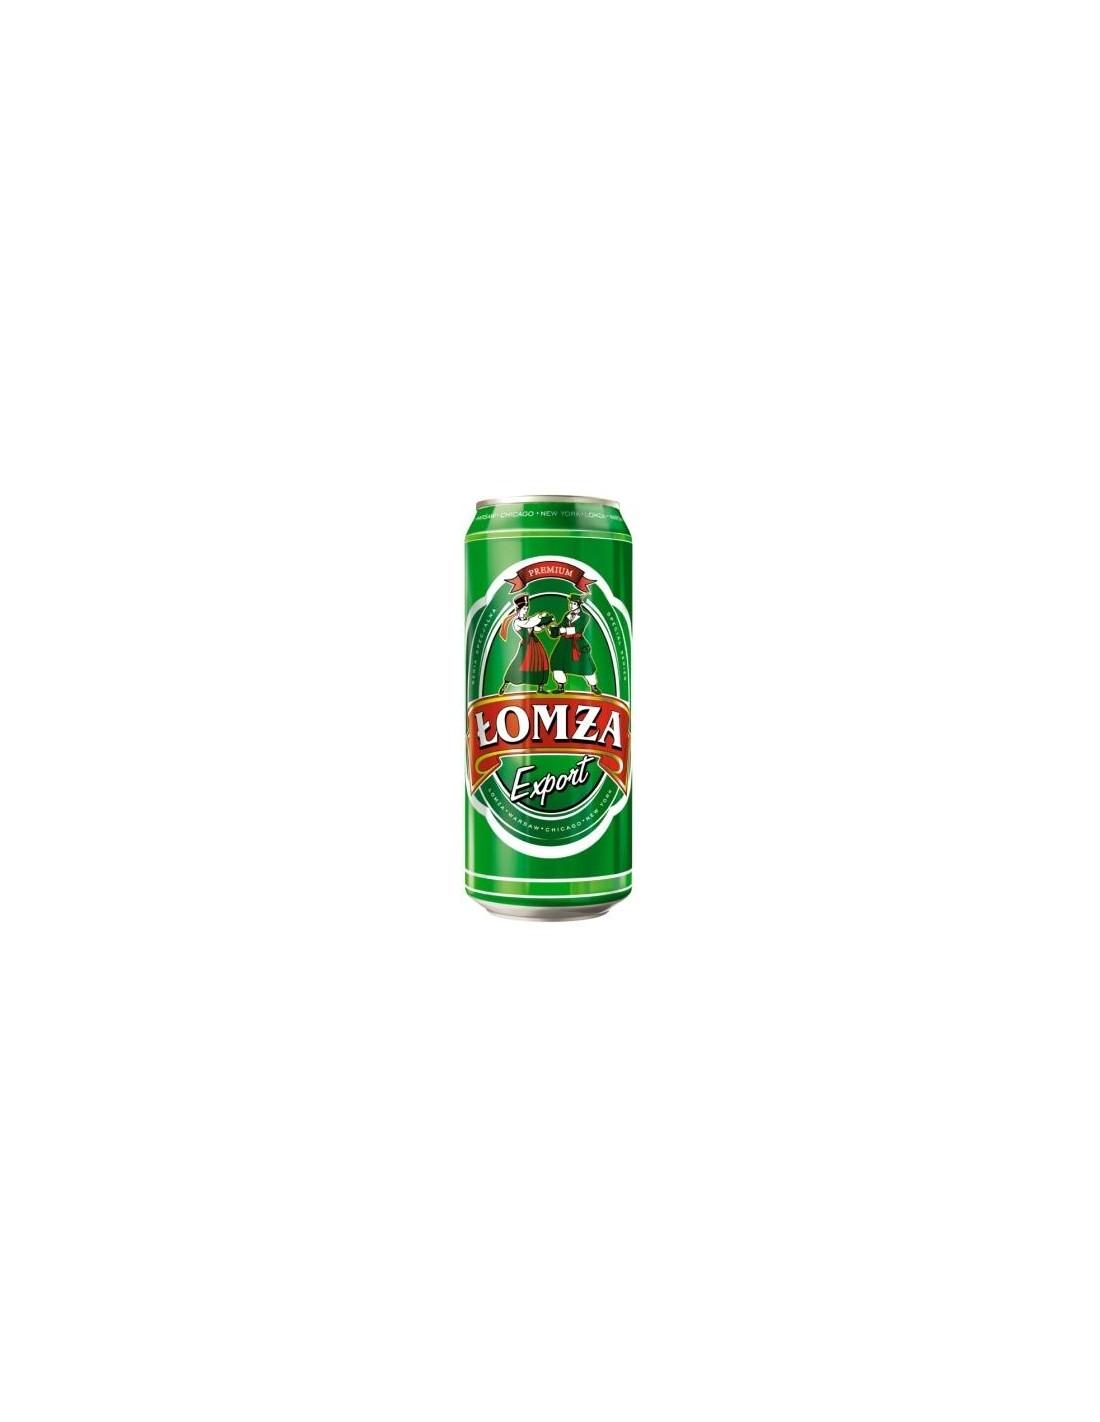 Bere Lomza Export 0.5l